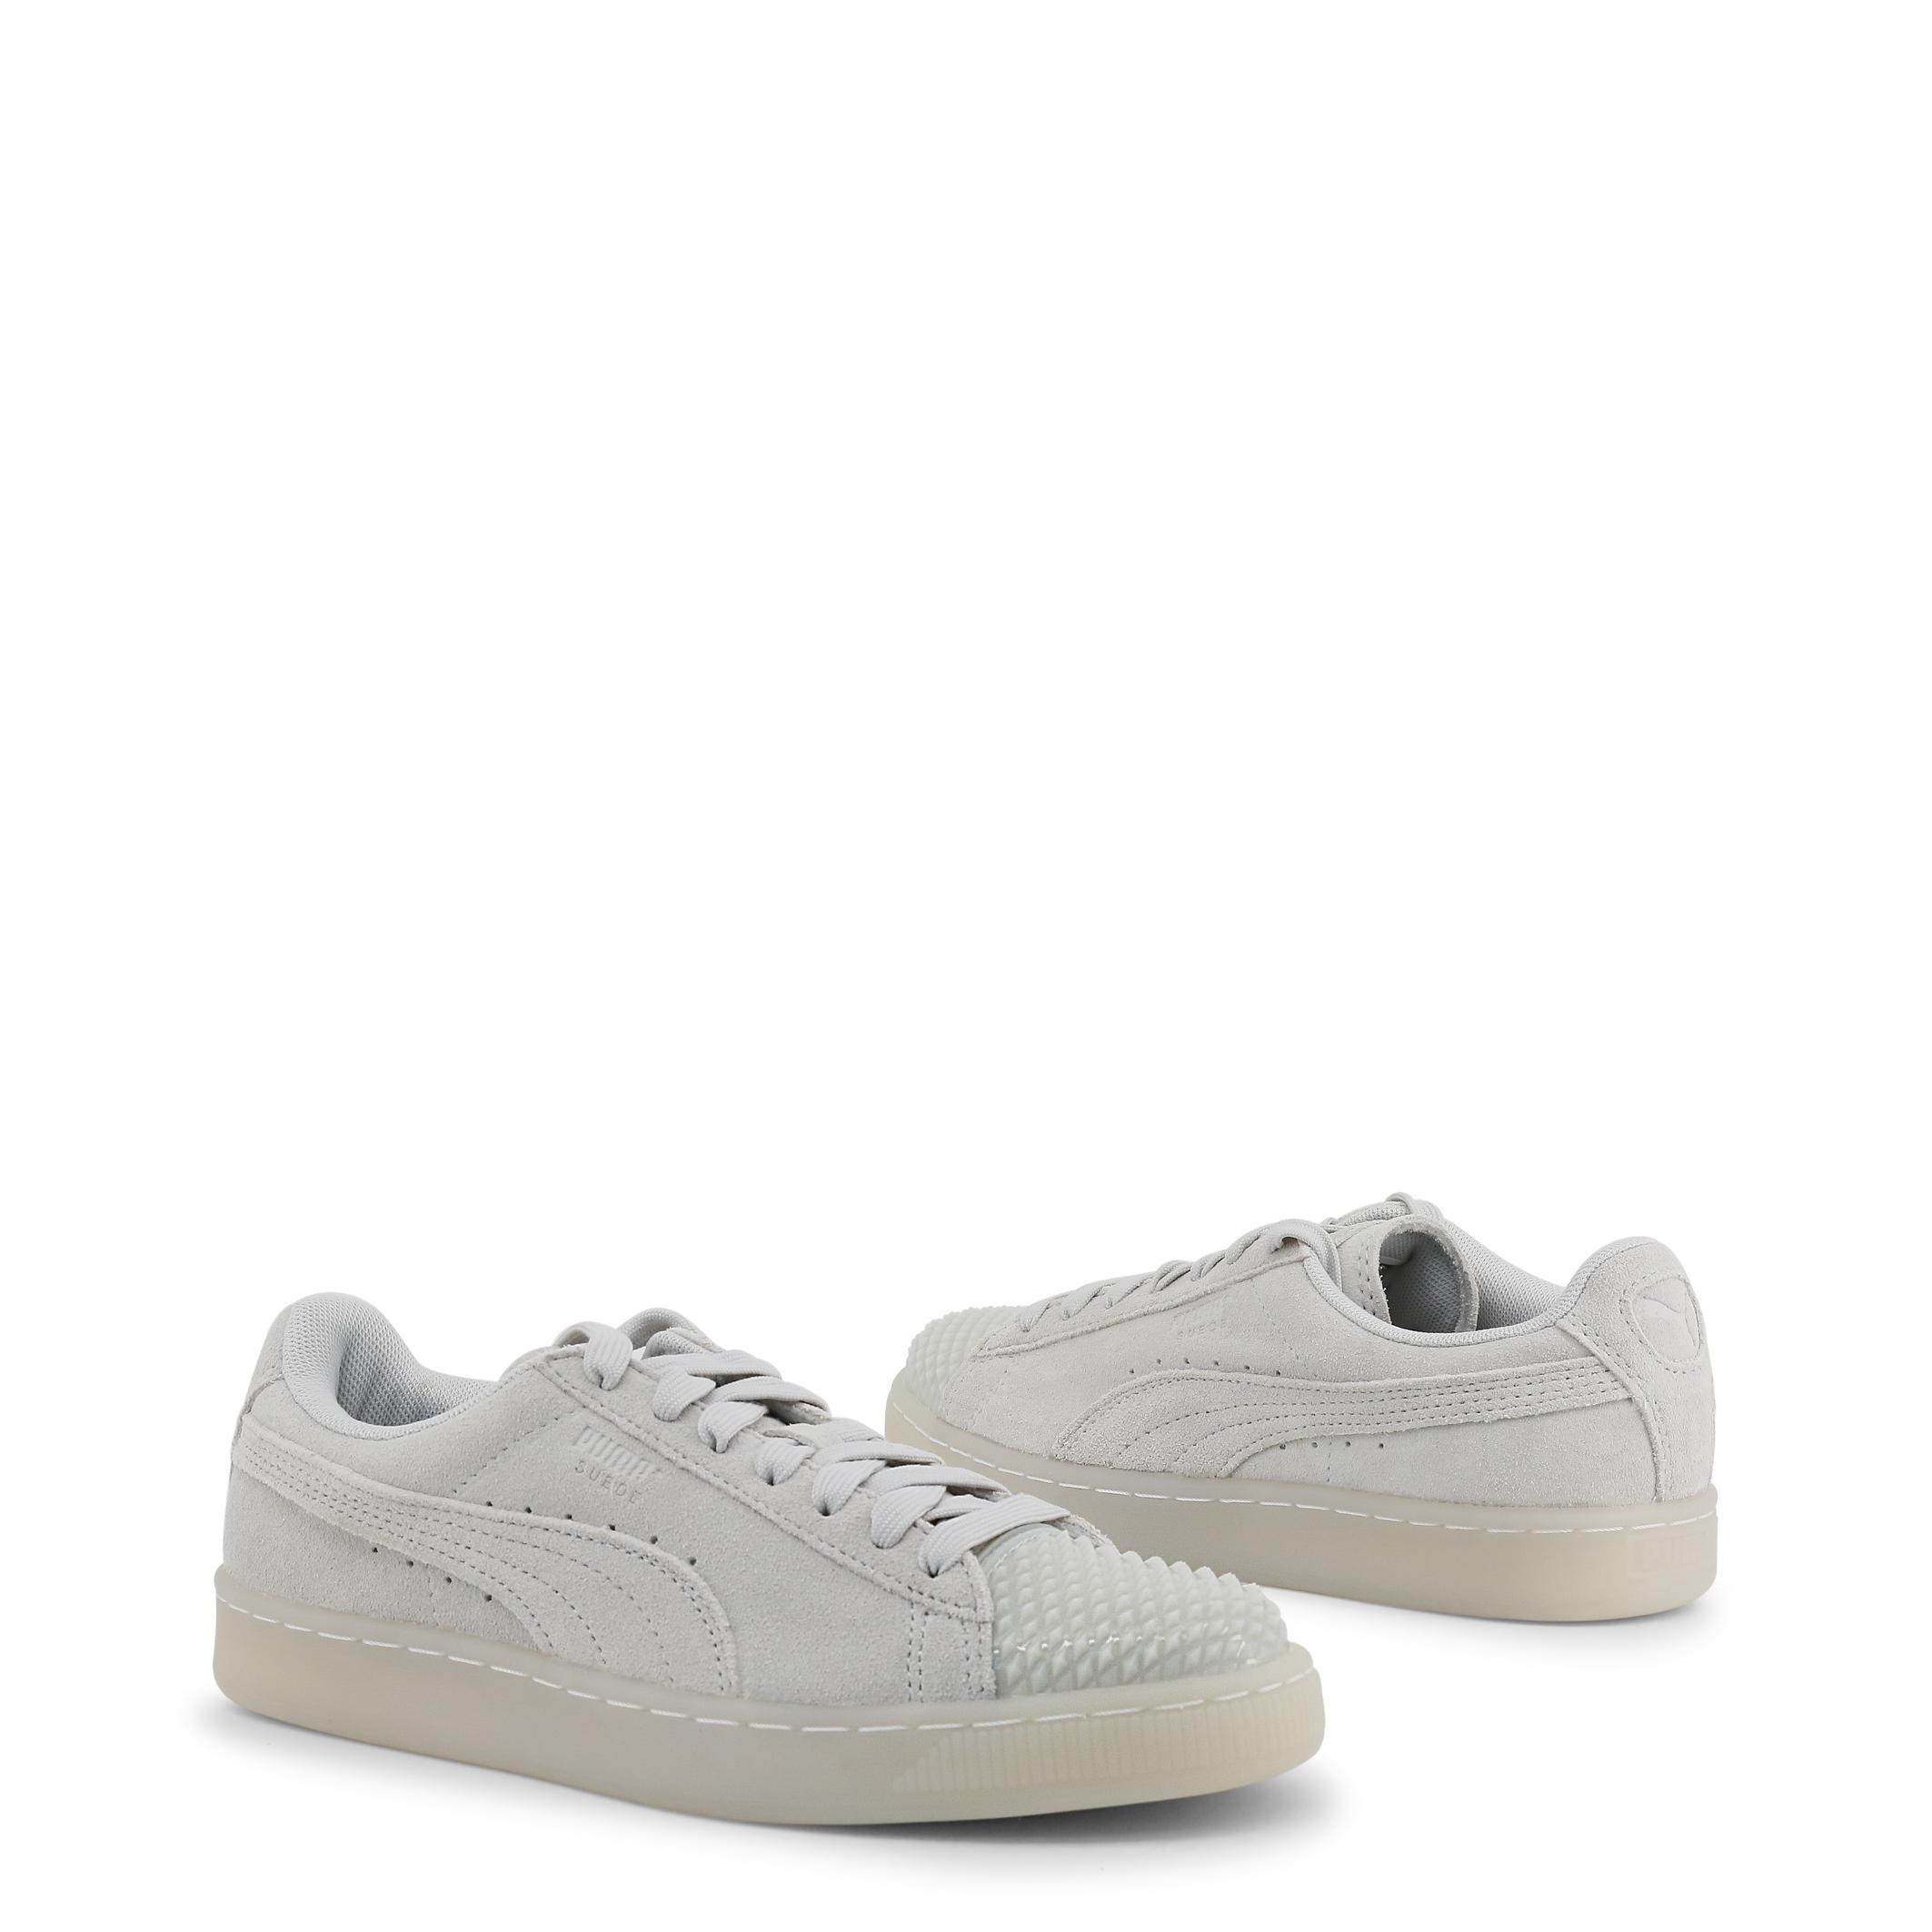 Chaussures Chaussures Chaussures Puma Femme 365859 Baskets Rose/Gris/Noir 45ad64